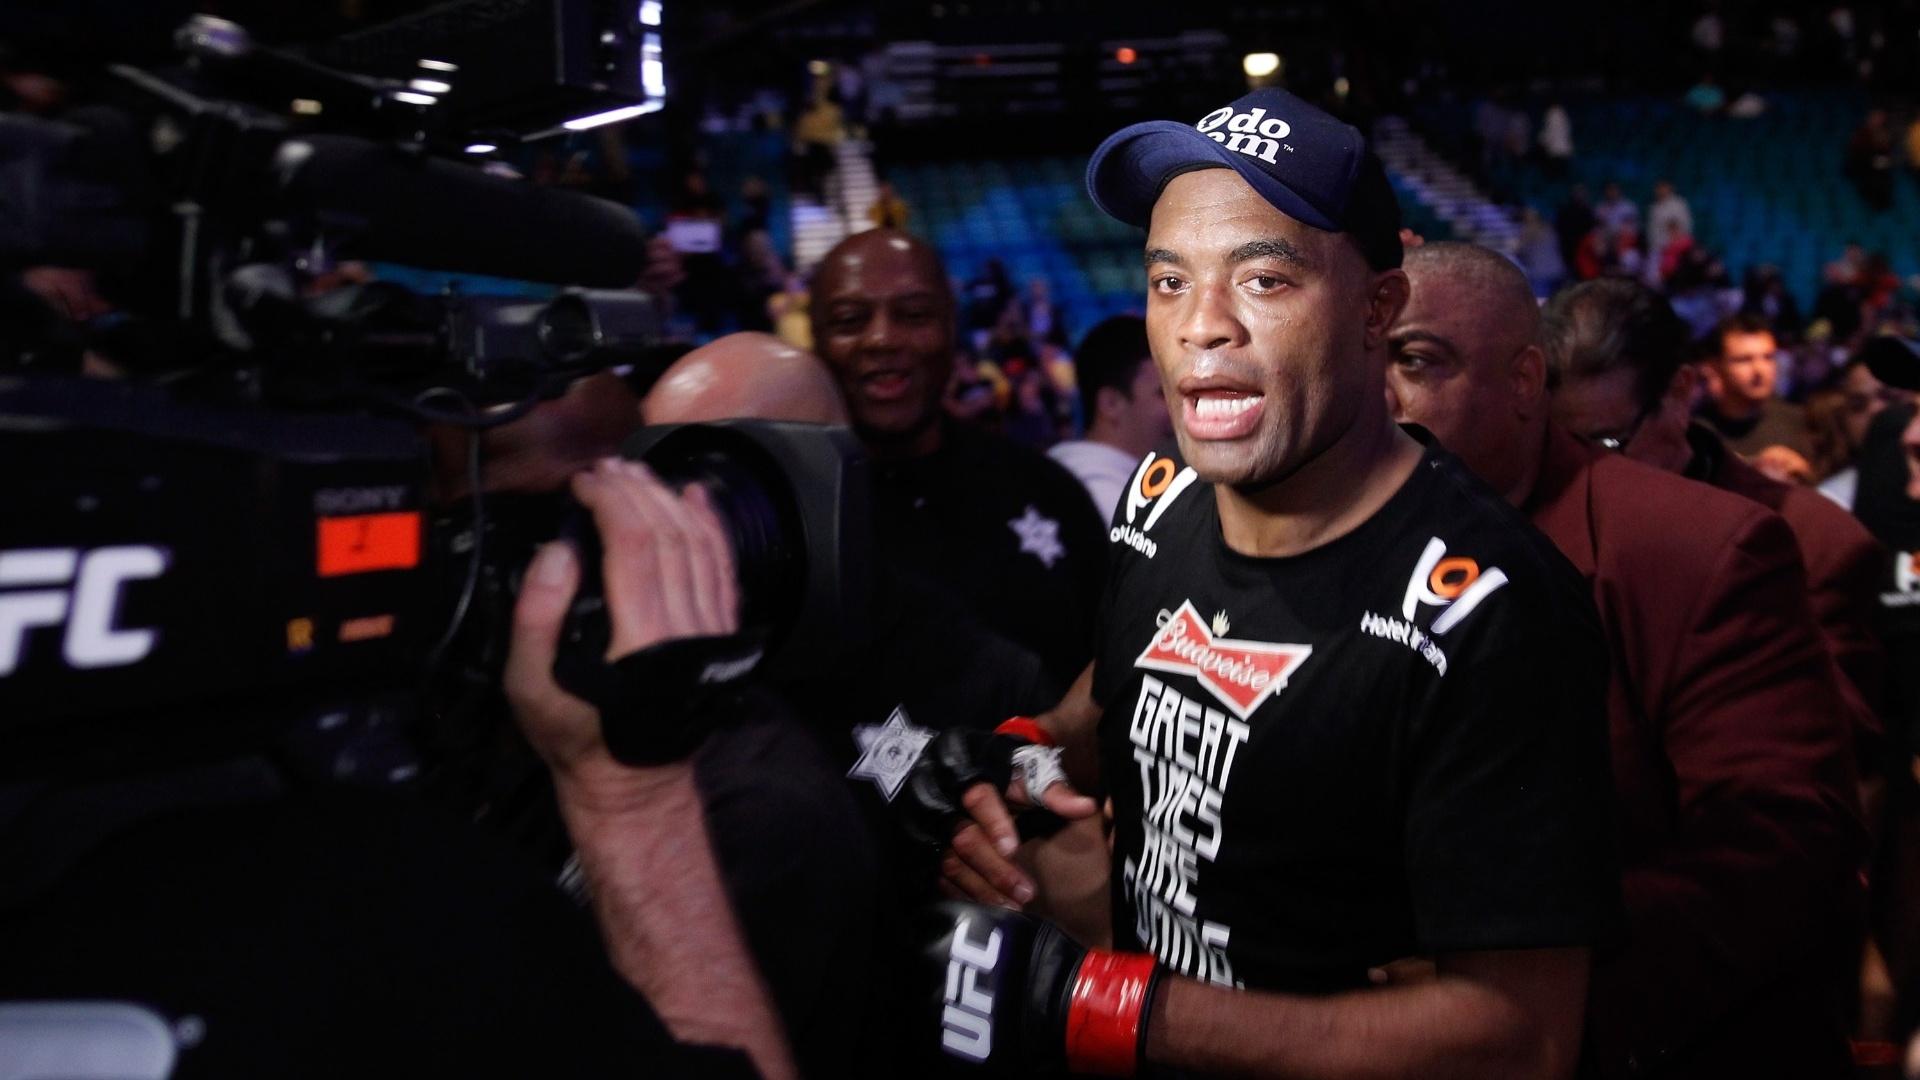 Anderson Silva comemora após vencer Nick Diaz na luta principal do UFC 183 em Las Vegas (EUA)